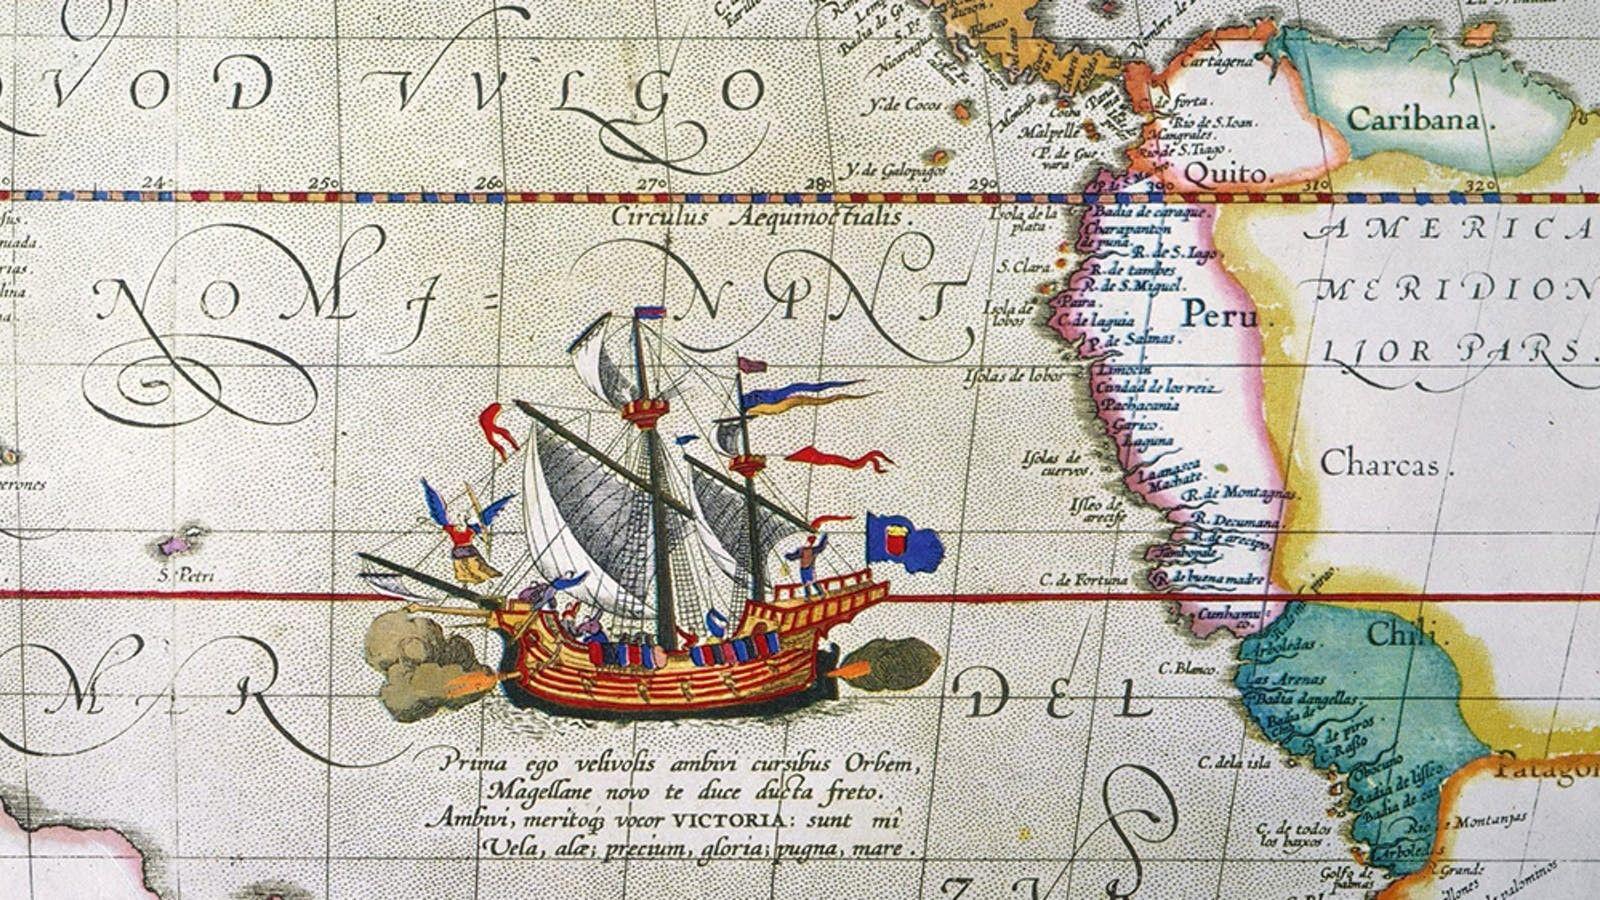 En septembre 1519, Magellan quittait l'Espagne avec une flotte de cinq navires. Trois ans plus tard, ...